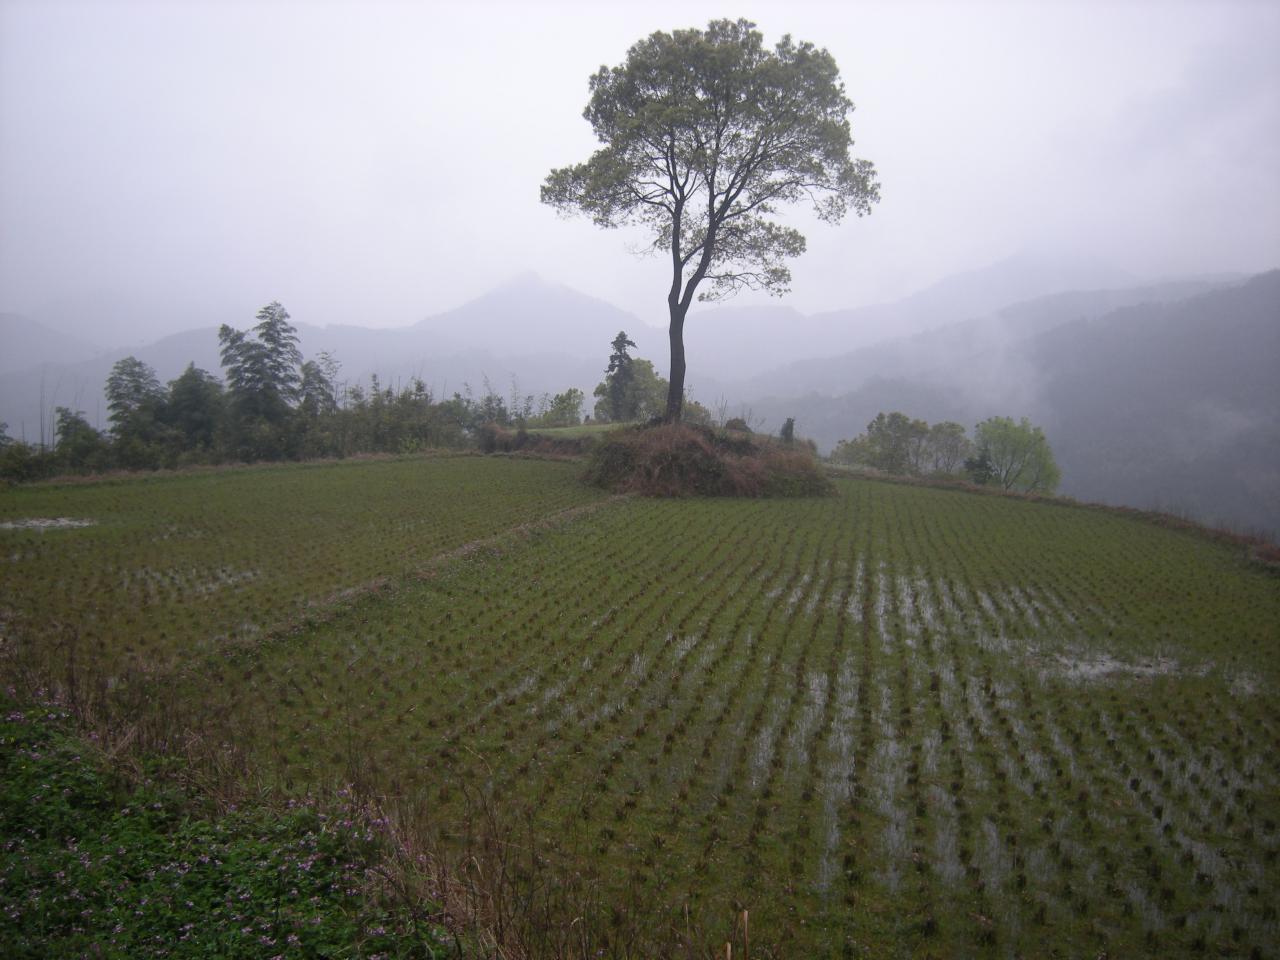 上岭看见美丽一畈畈梯田,听到山水哗哗声响,绿绿的水竹林里新鲜空气图片